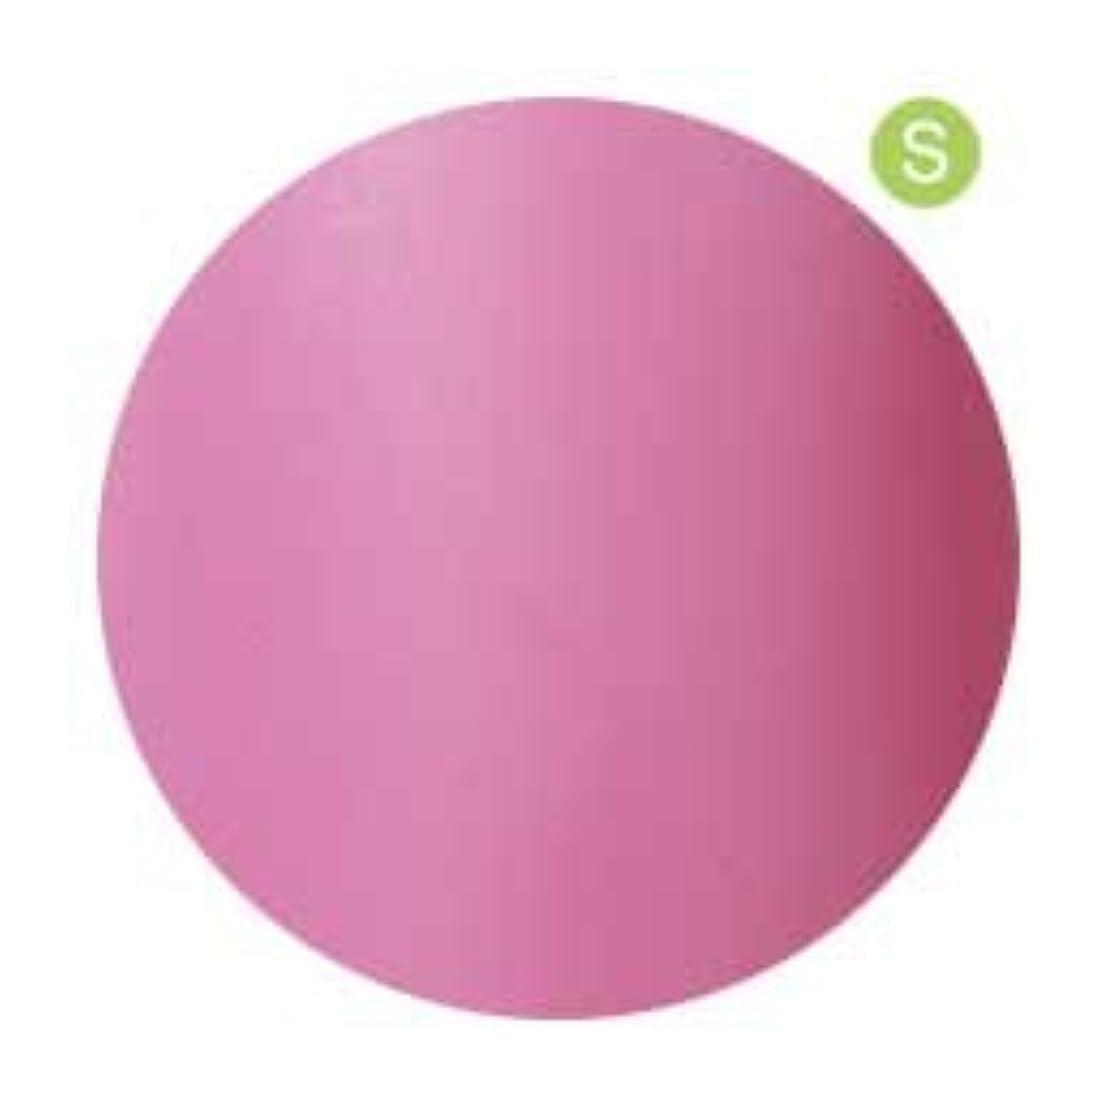 支配する肯定的通信するPalms Graceful カラージェル 3g 063 ポンパドールピンク